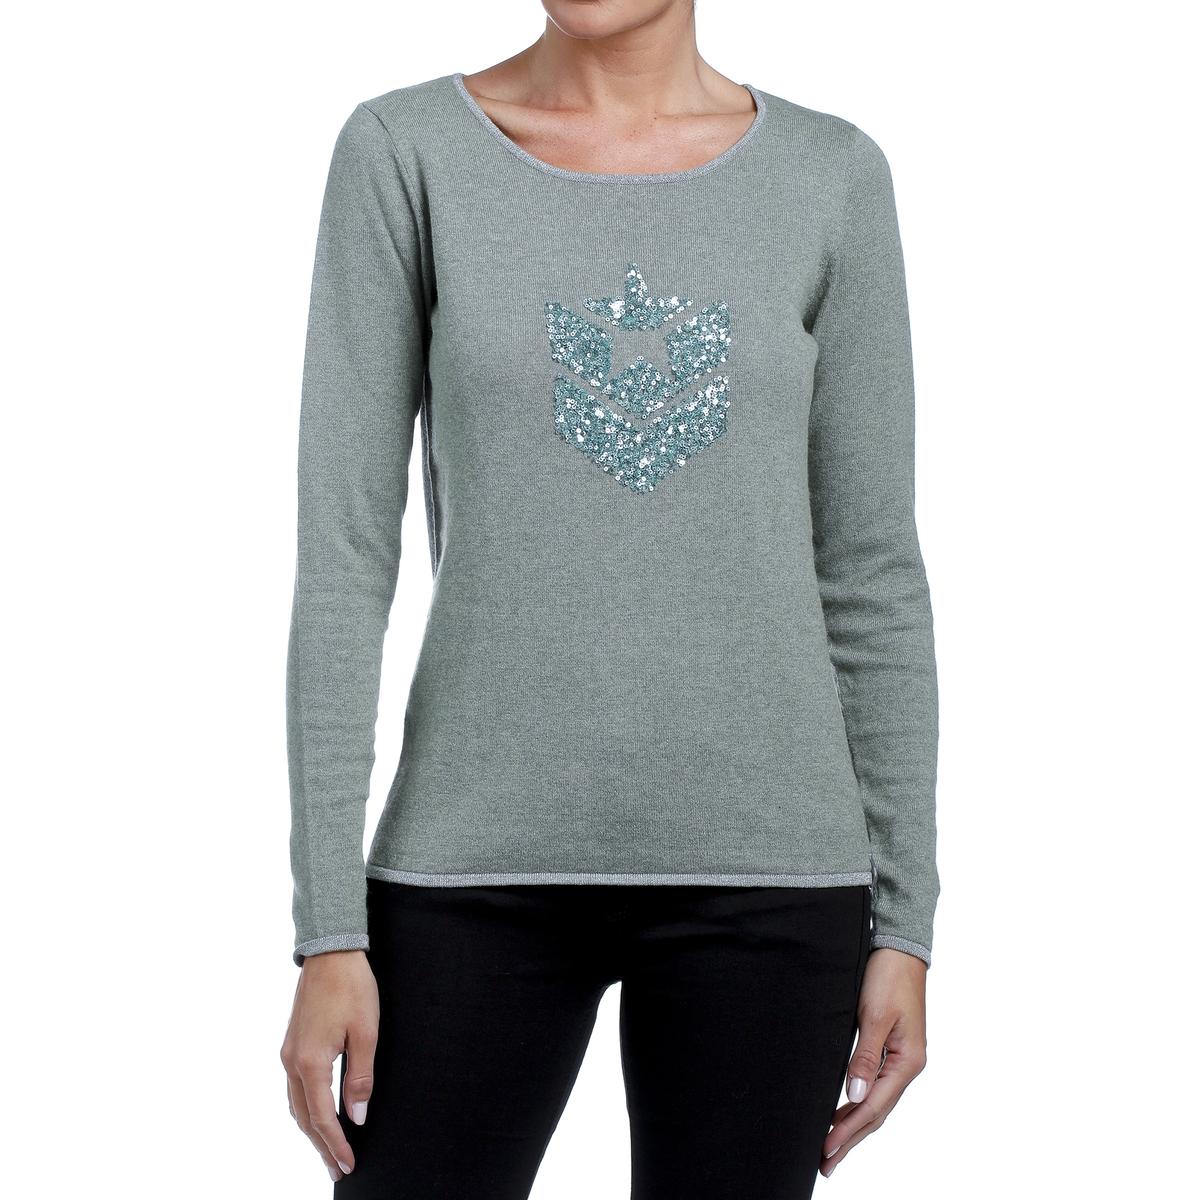 цена на Пуловер La Redoute Кашемировый с круглым вырезом и с логотипом из блесток спереди XS зеленый